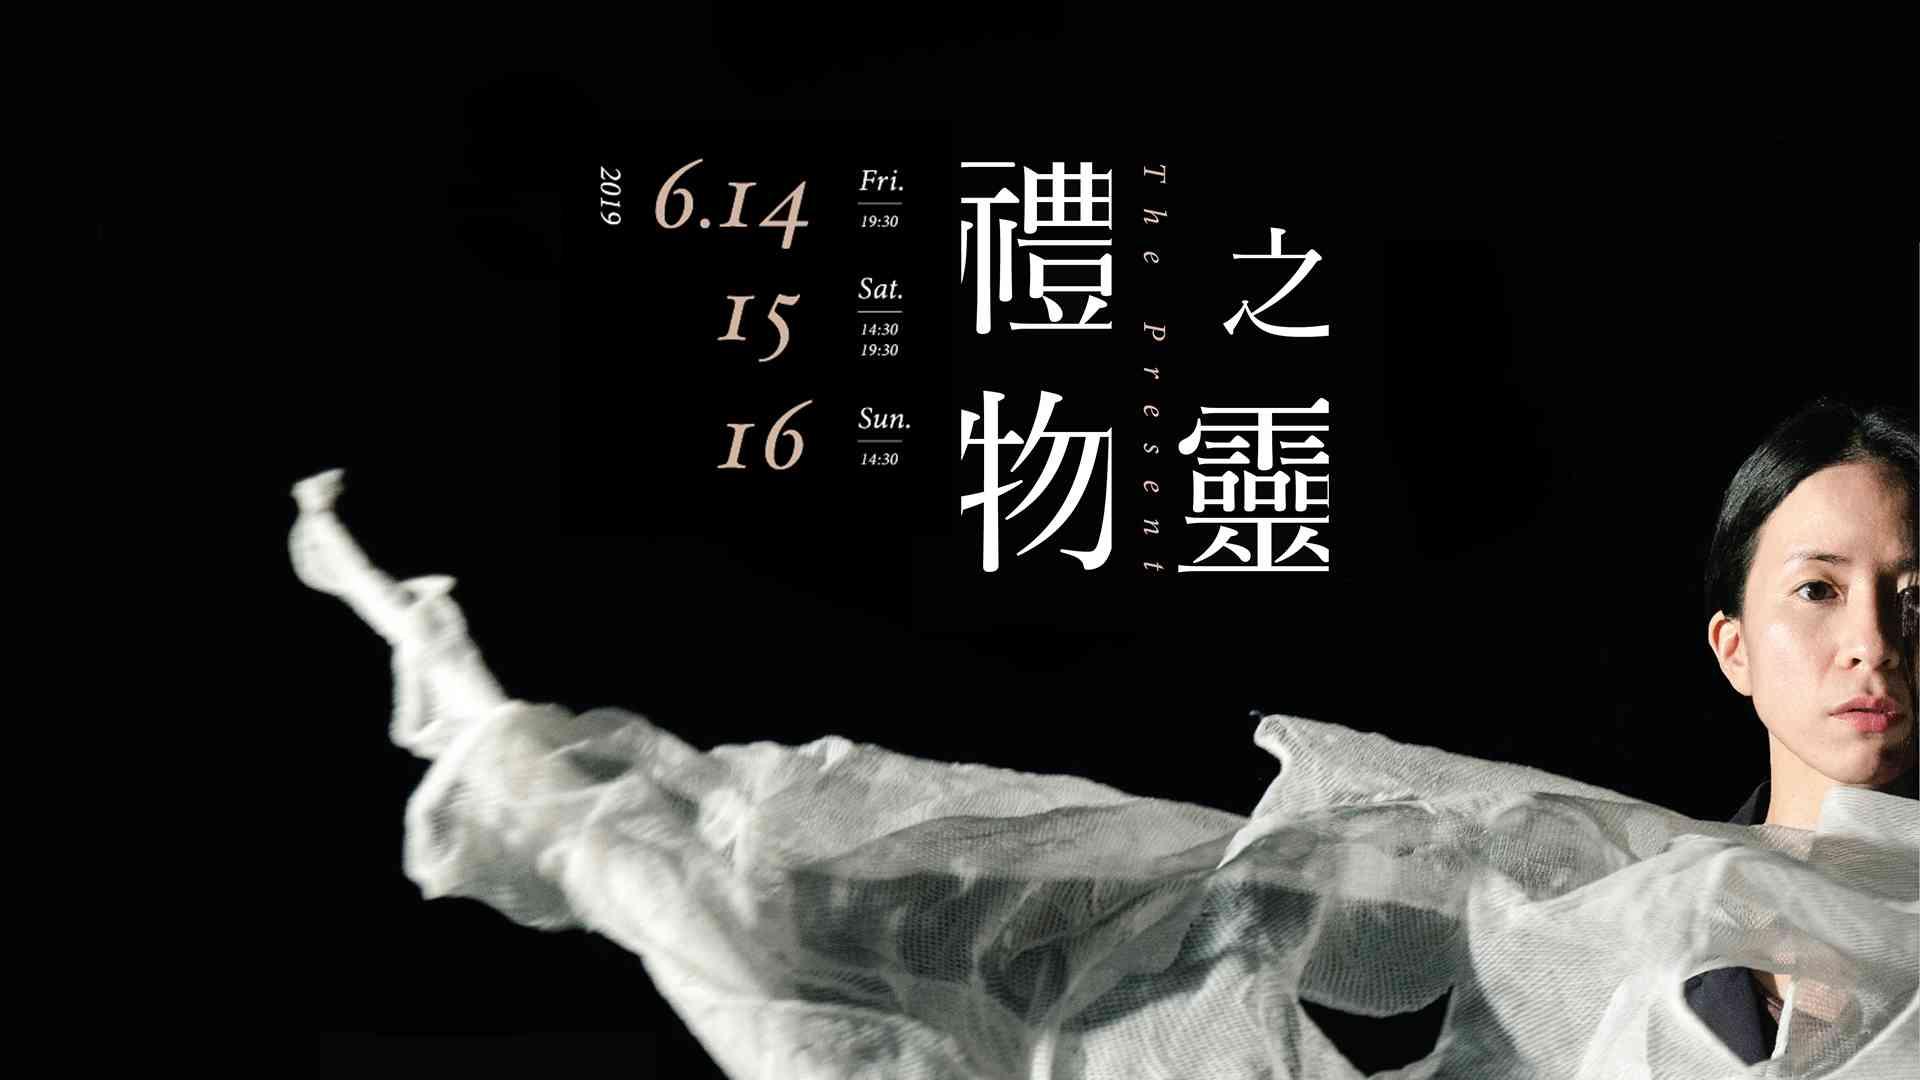 世紀當代舞團2019《禮物之靈》首演 - 烏梅劇院